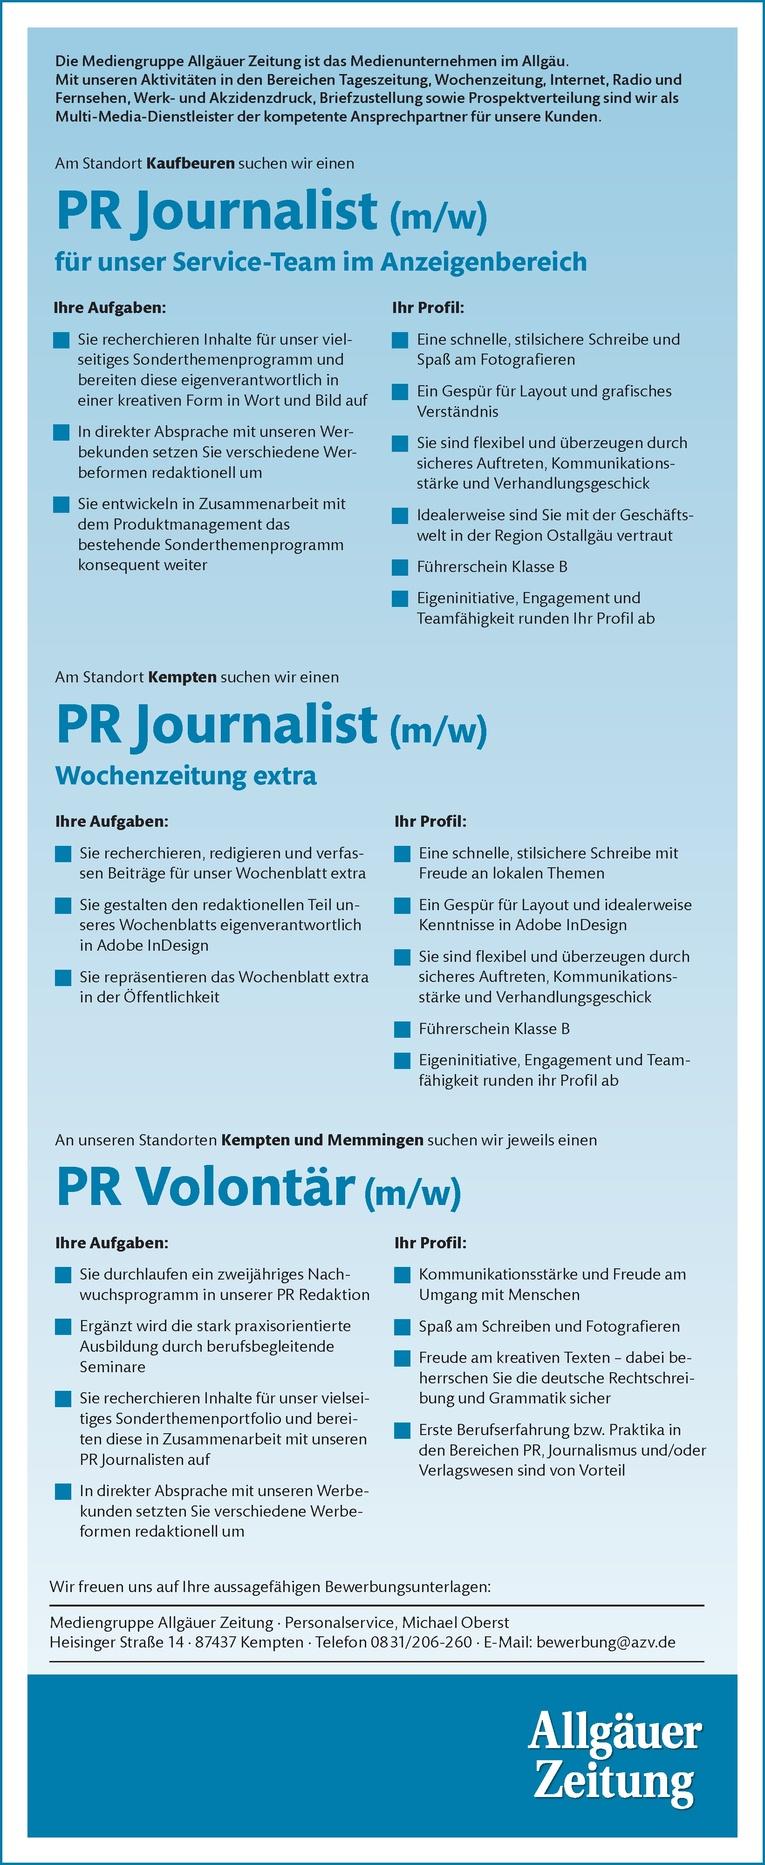 PR Journalist (m/w) für unser Service-Team im Anzeigenbereich